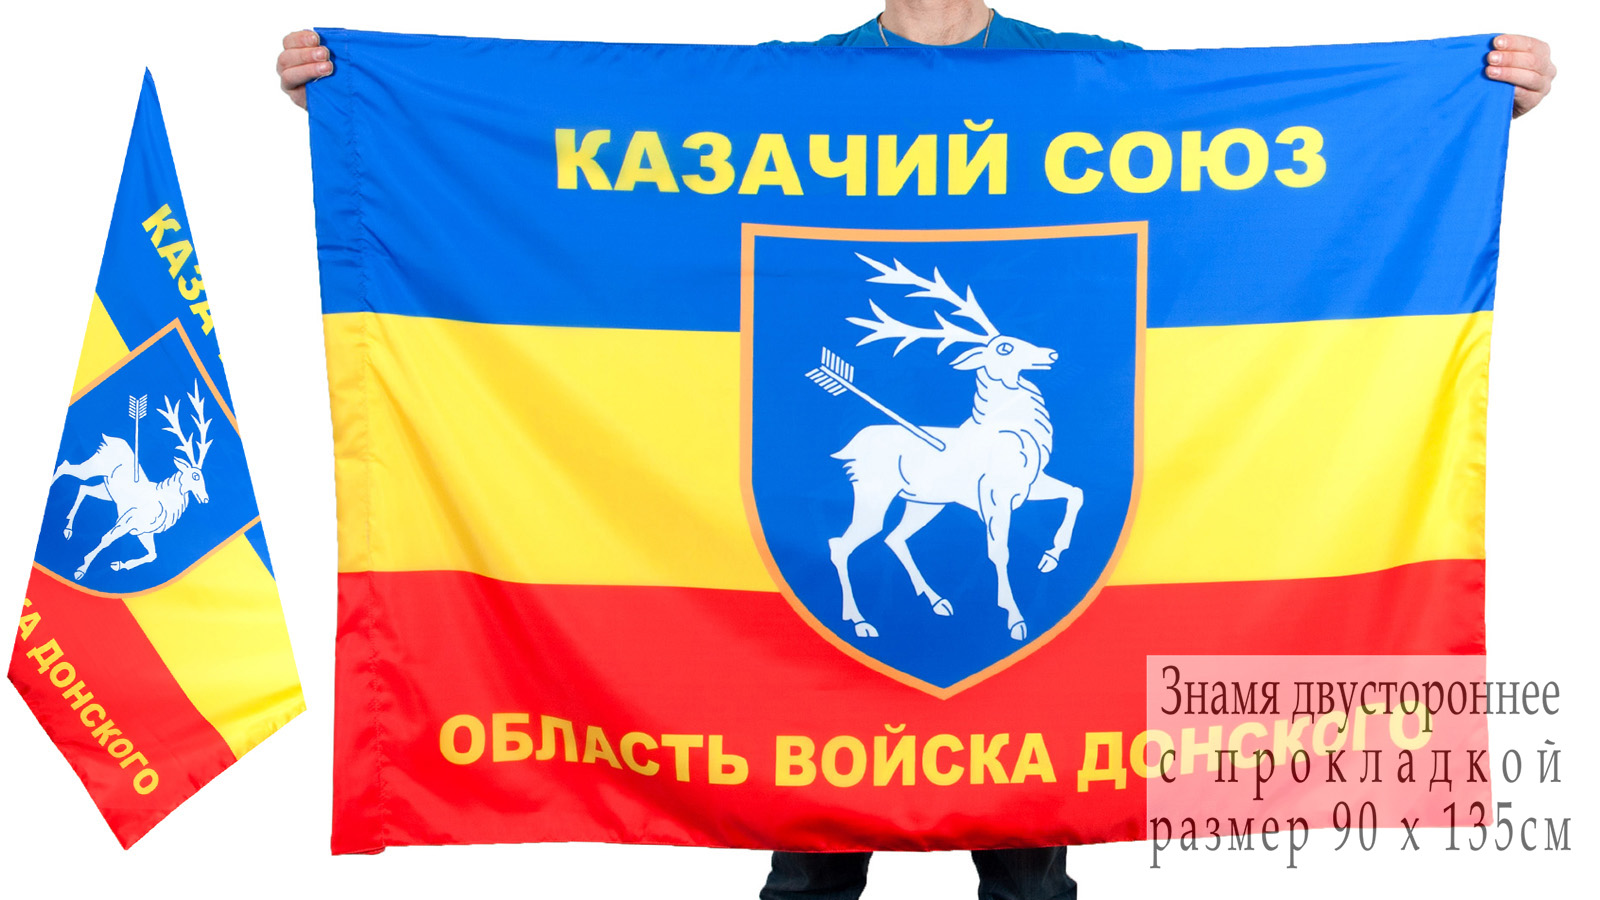 """Двухстороннее знамя """"Казачий союз Область войска Донского"""""""